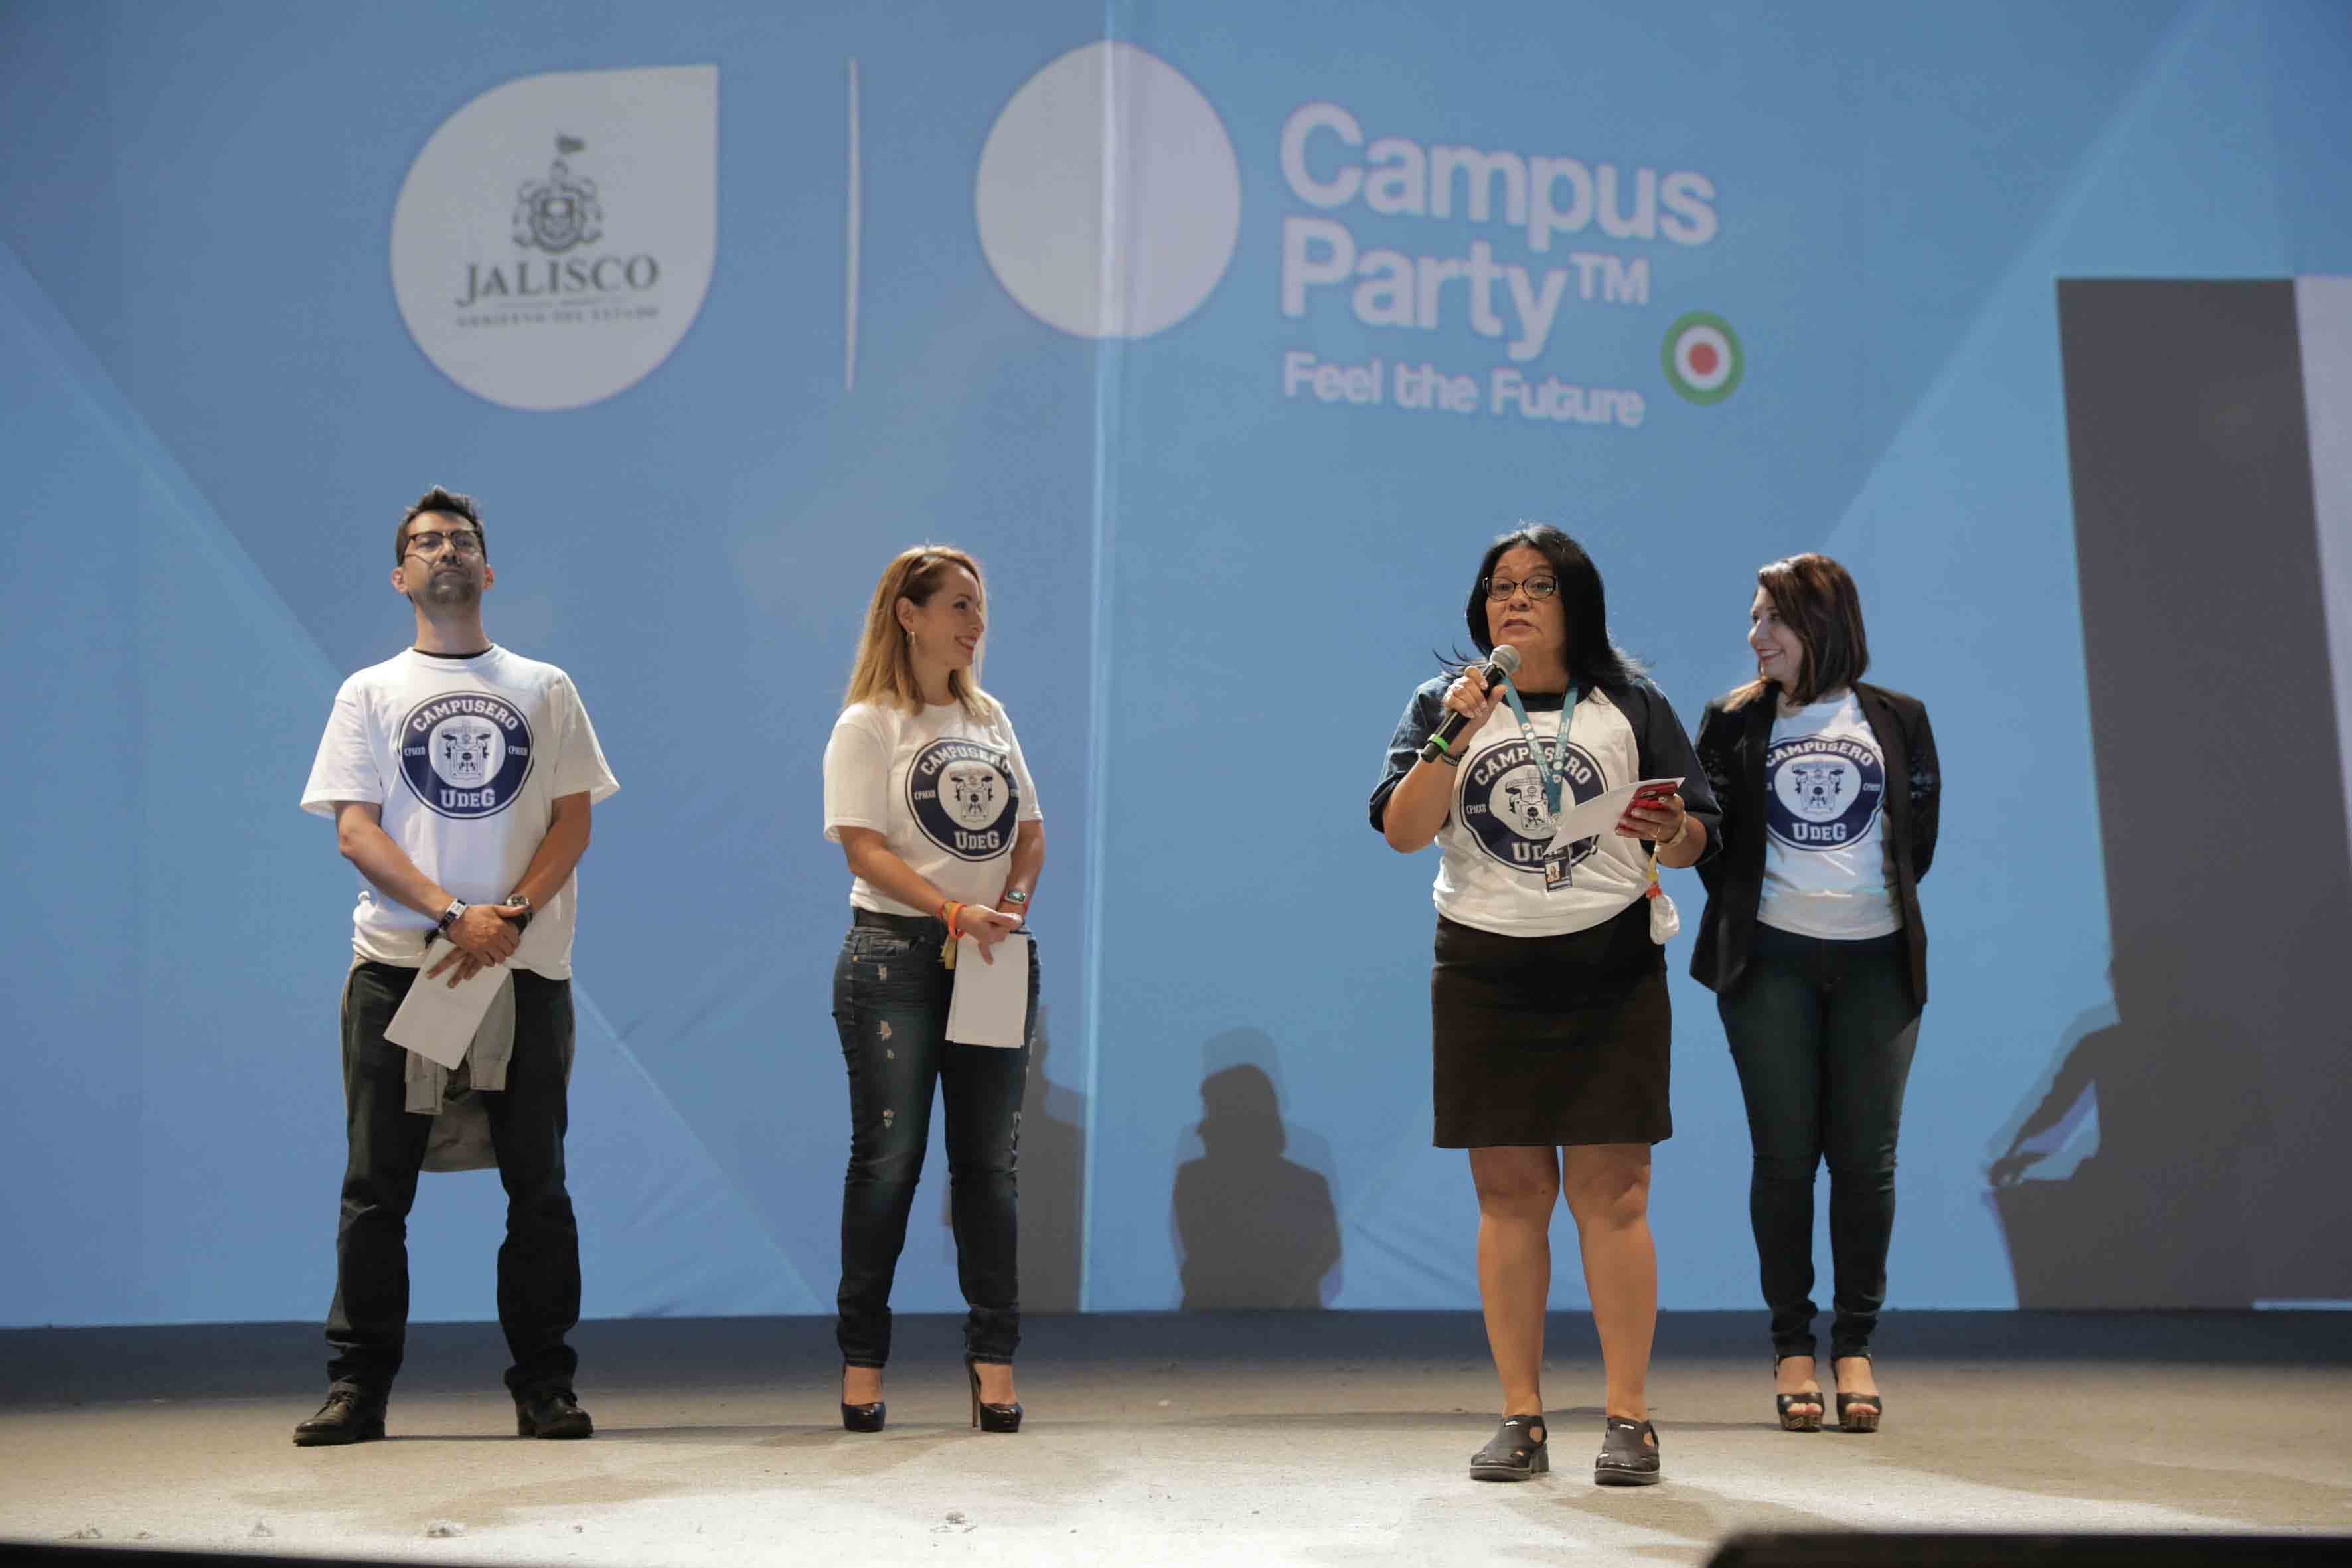 Maestra Teresa Rodríguez Jiménez, titular de la Unidad de Apoyo a la Academia y la Investigación, de la Universidad de Guadalajara, participando en el evento.